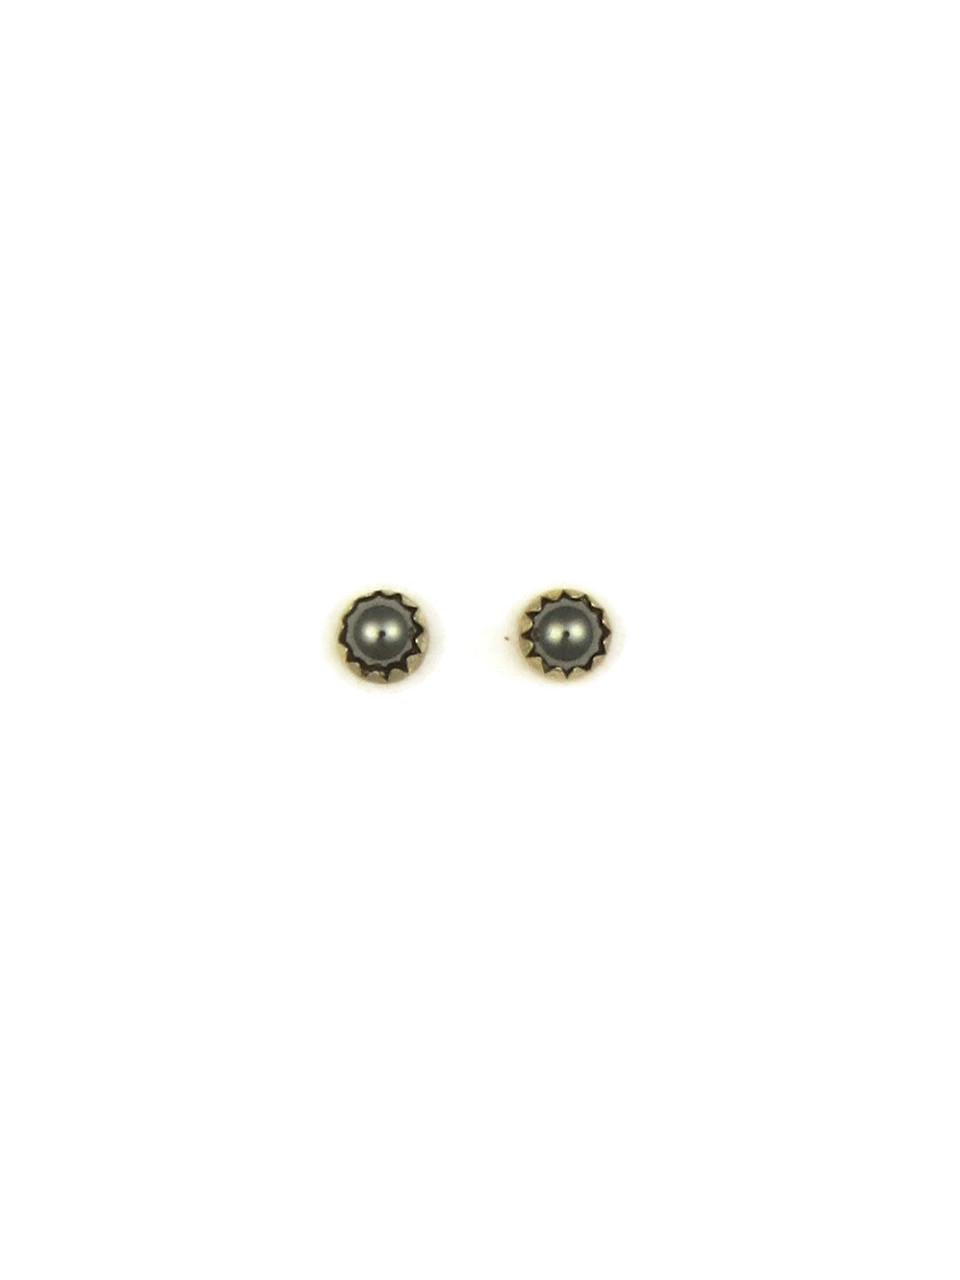 d8d5f99e1 Hematite Stud Earrings 4mm (STUD-HEM) - Southwest Silver Gallery